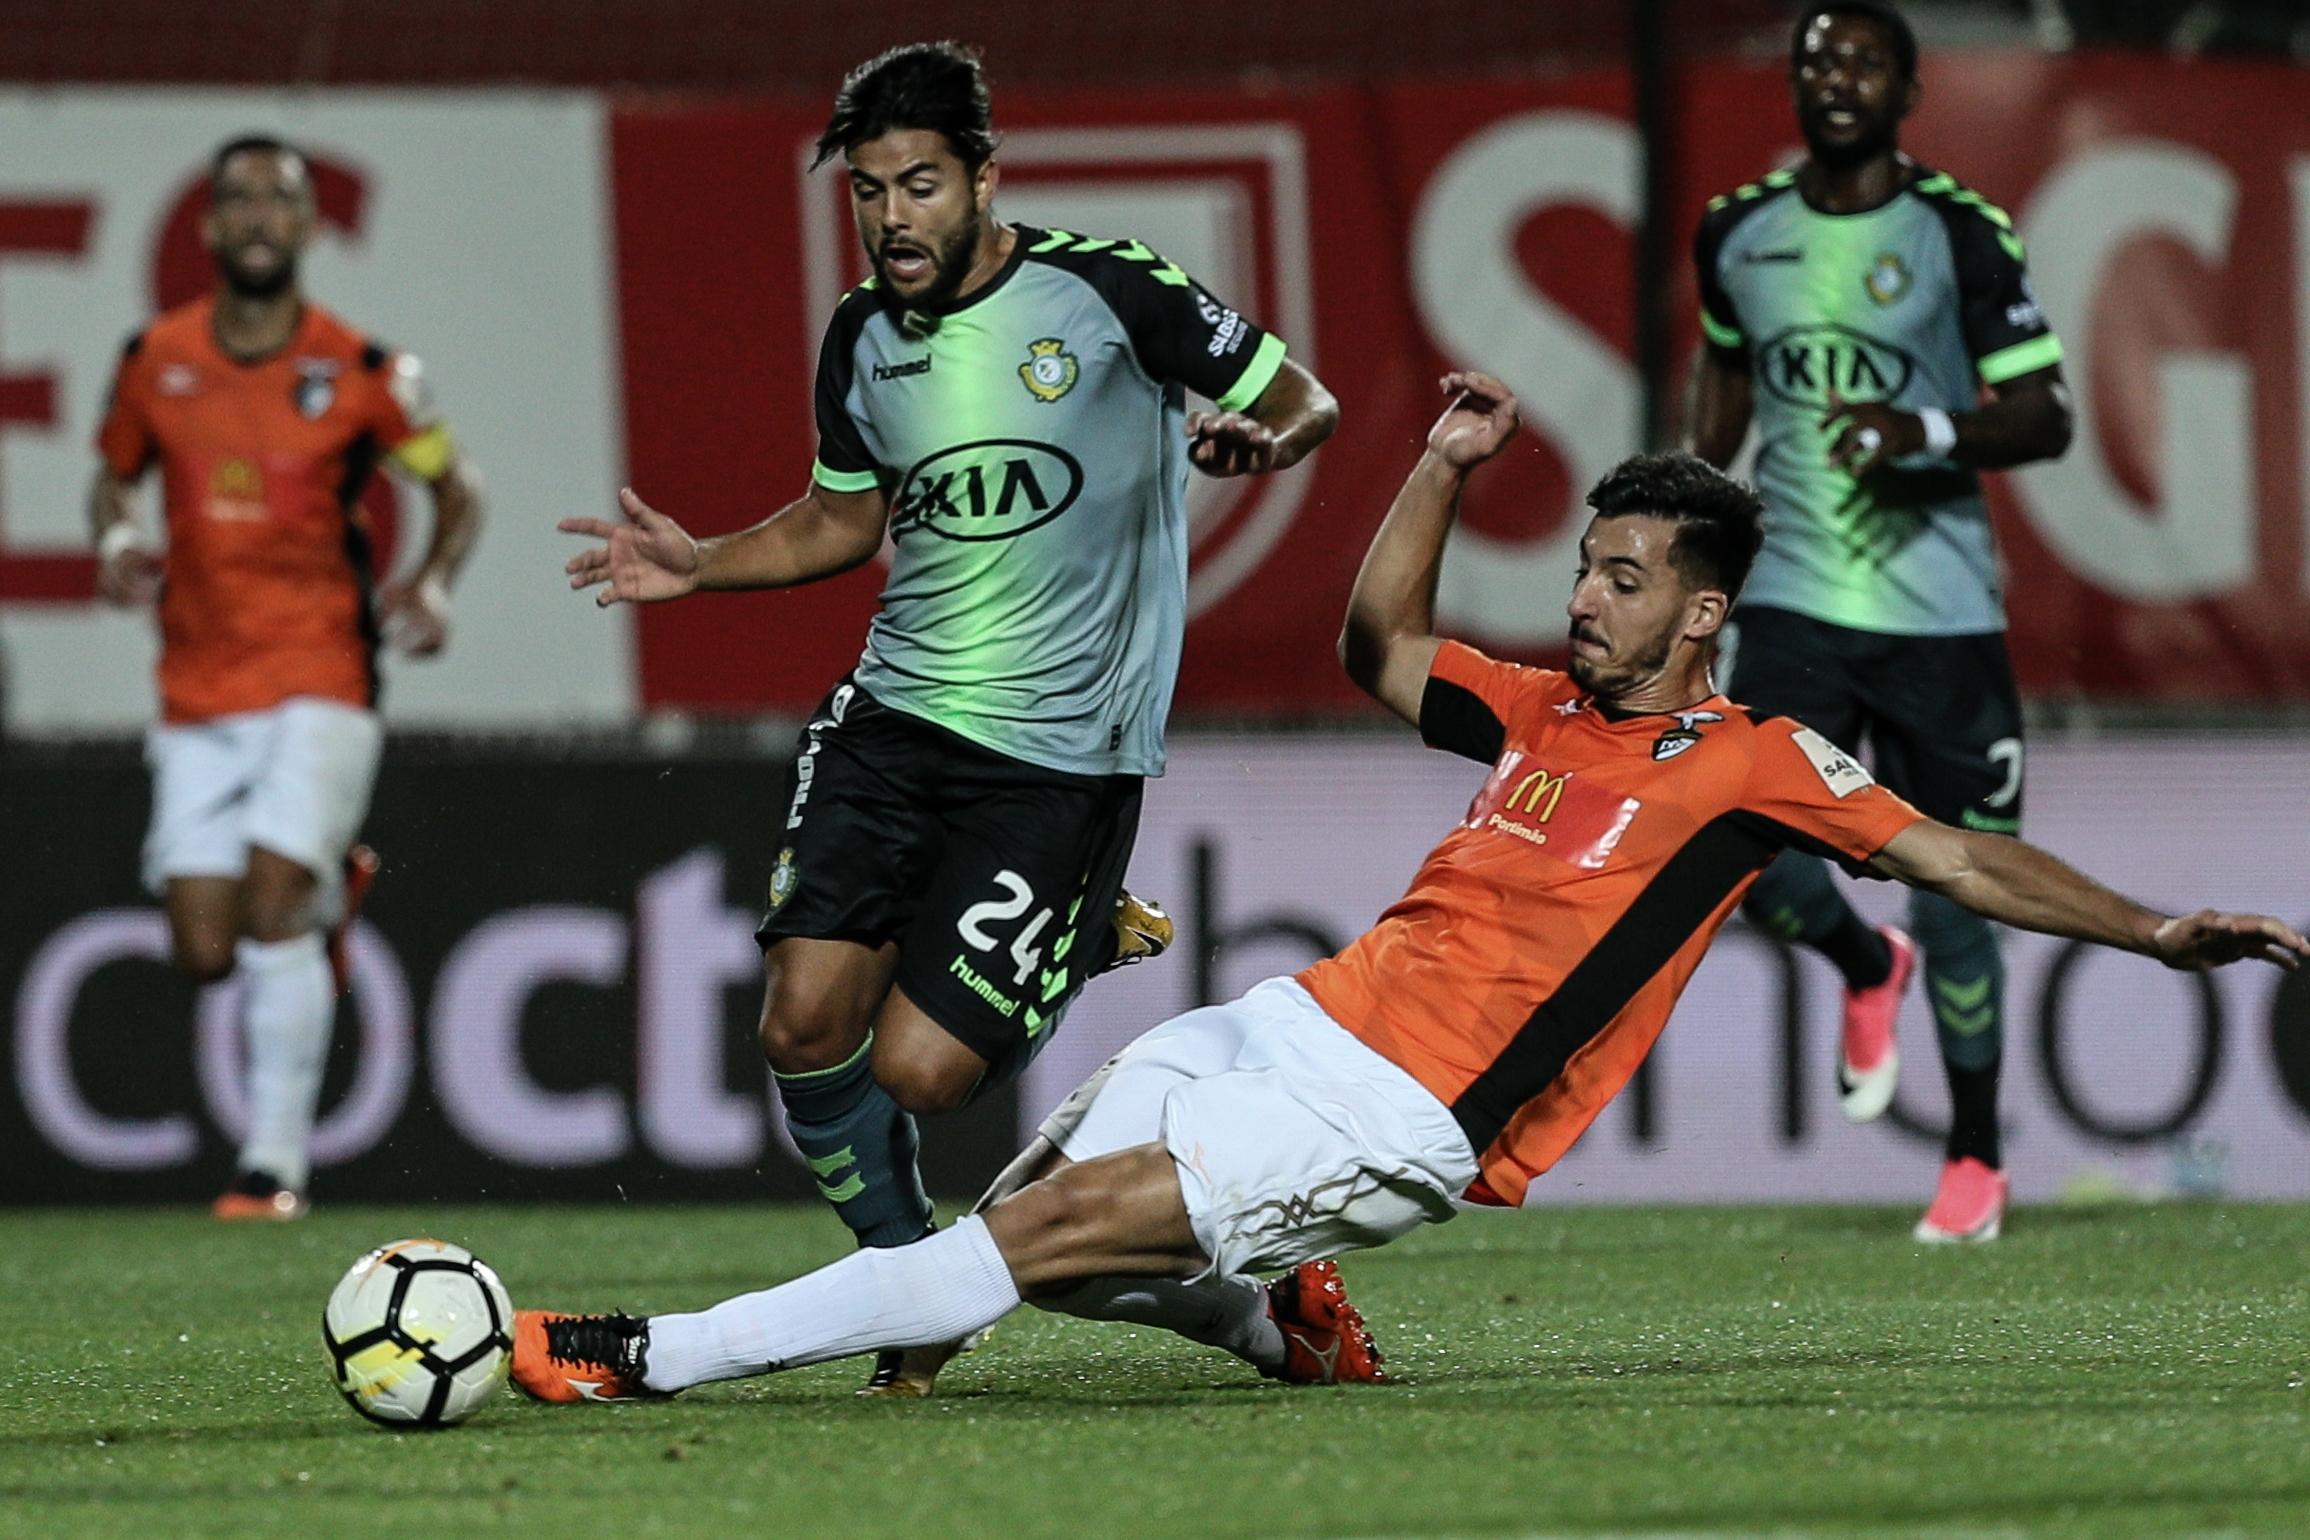 Futebol: Portimonense goleia Vit. Setúbal no regresso às vitórias